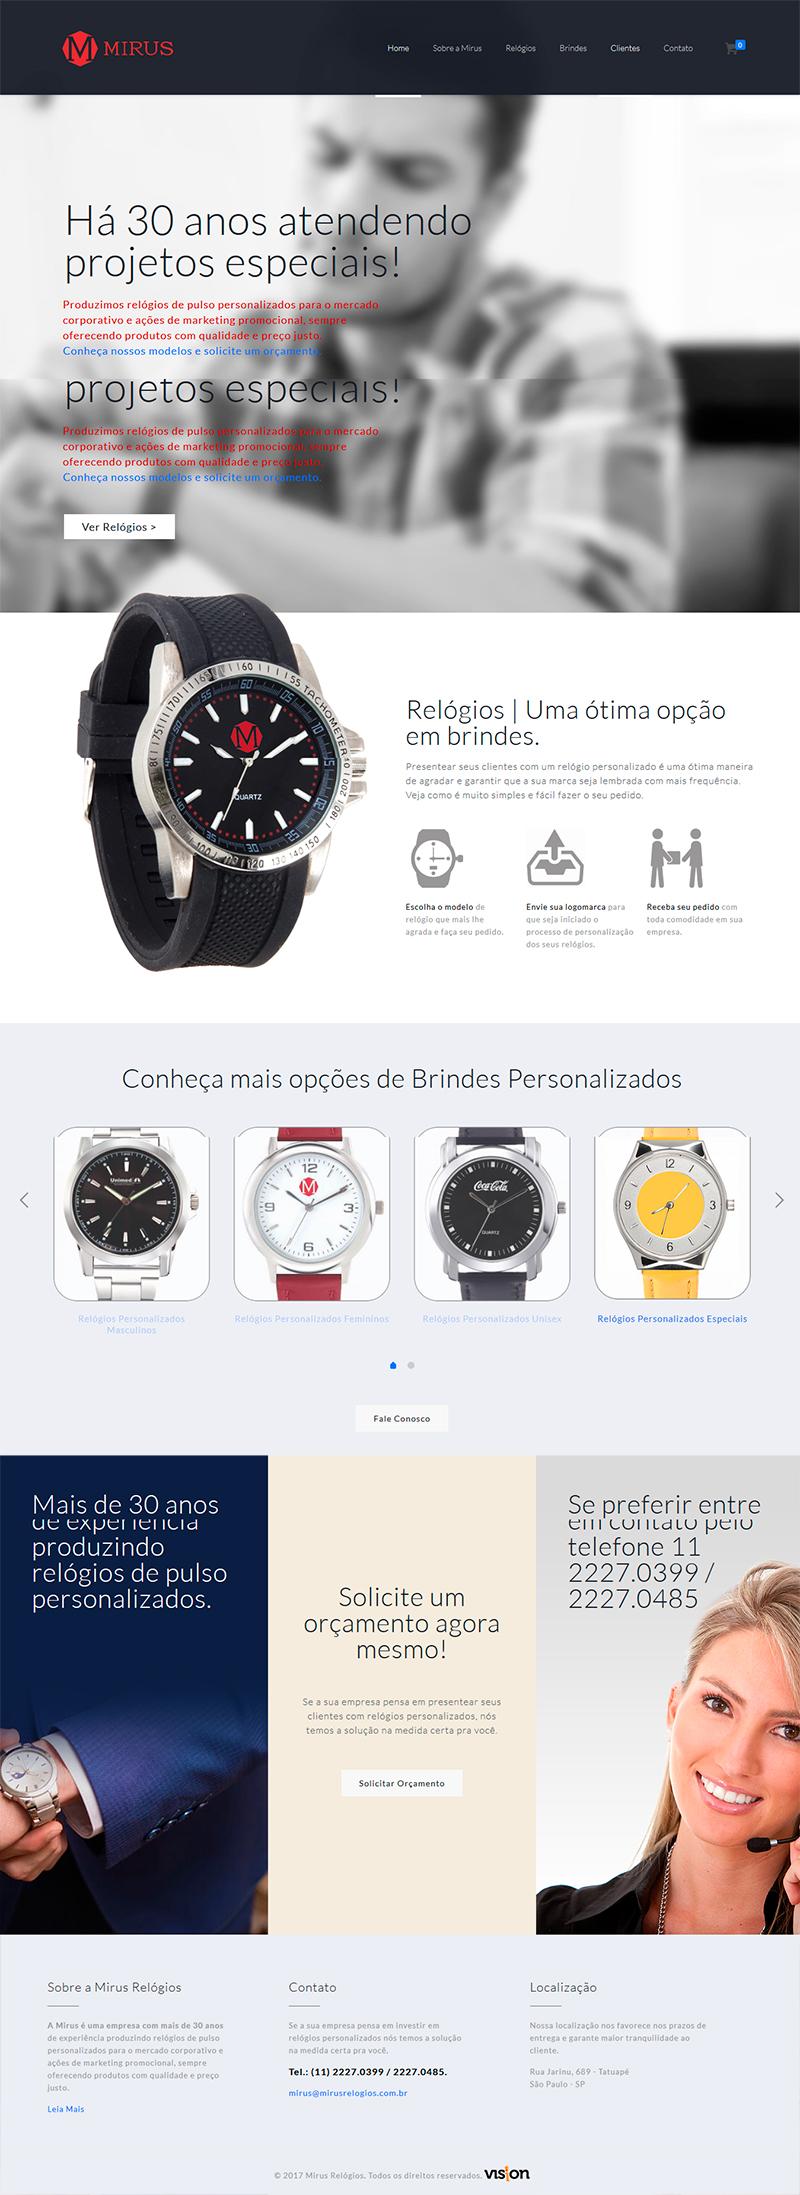 Mirus-Relógios